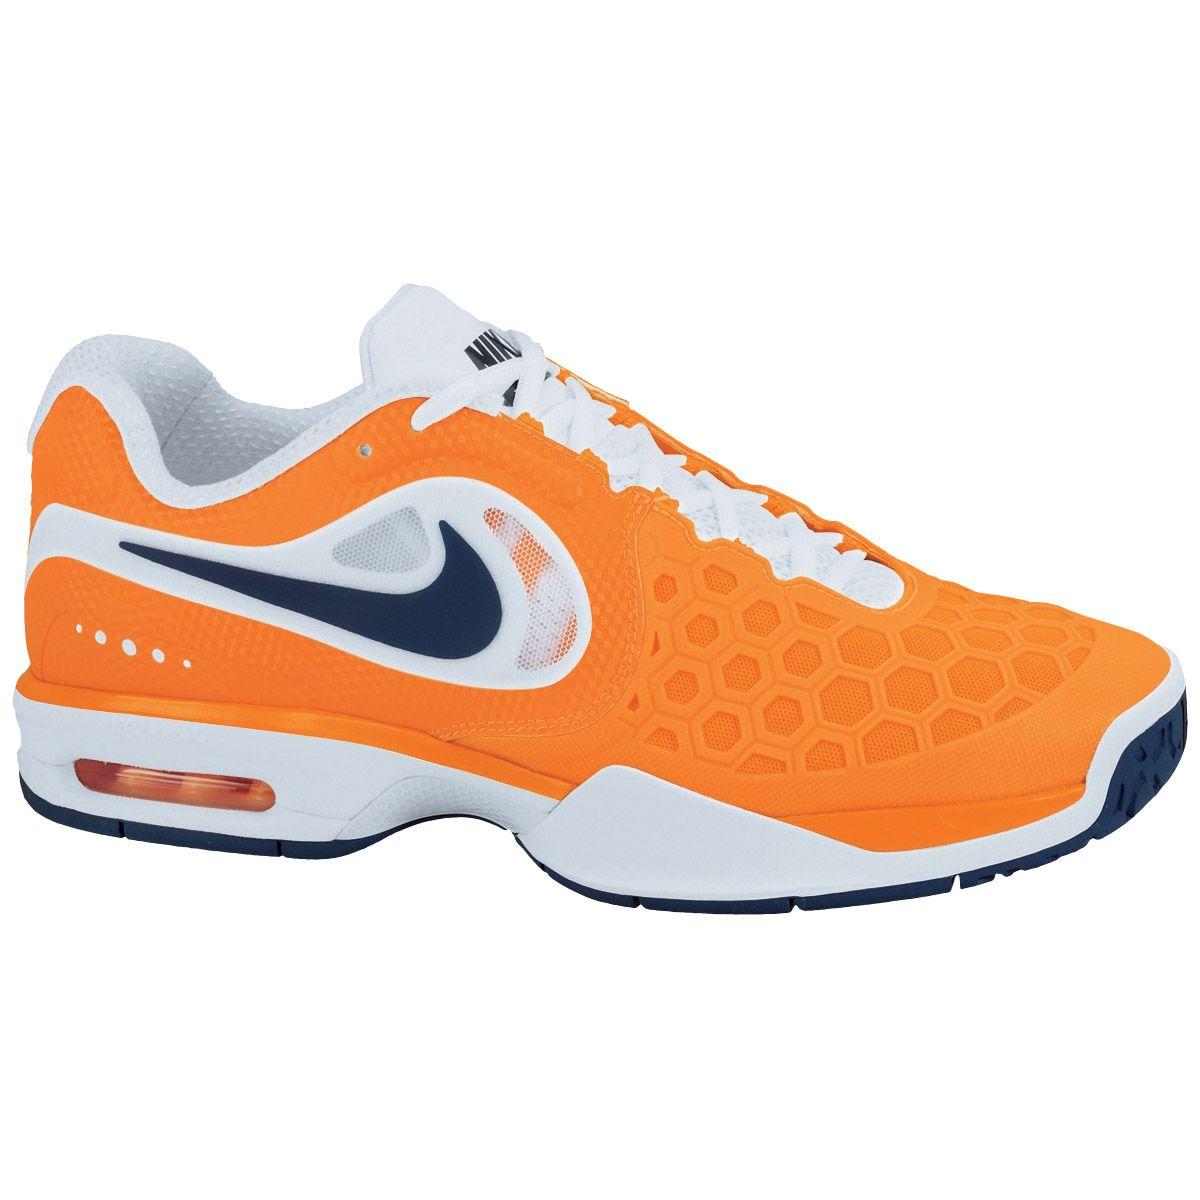 assolutamente alla moda più foto moda di vendita caldo 15-2-2013 #Scarpe da #Tennis #Nike #Rafael #Nadal Air Max ...